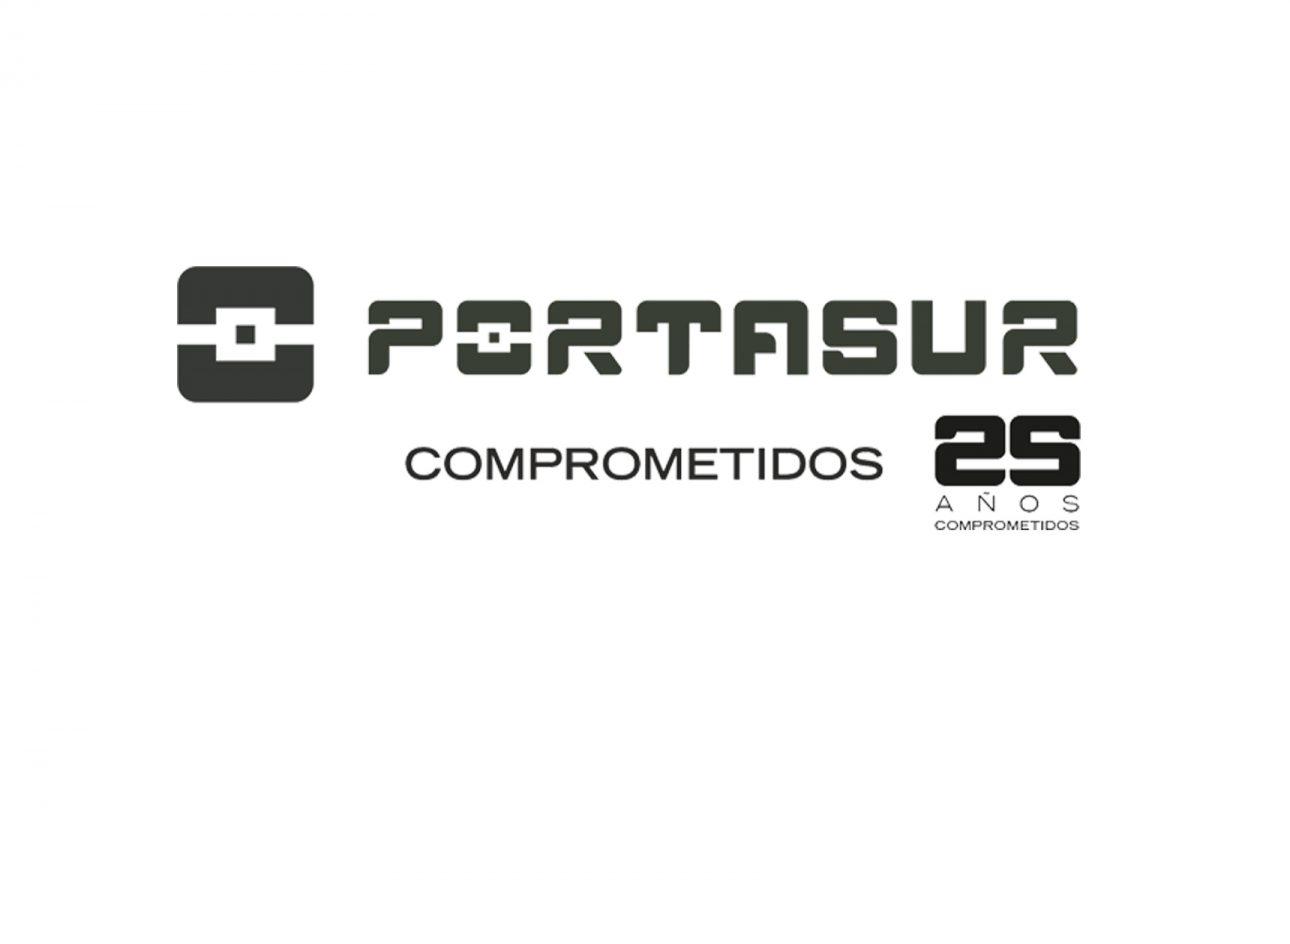 PORTASUR, 25 aniversario